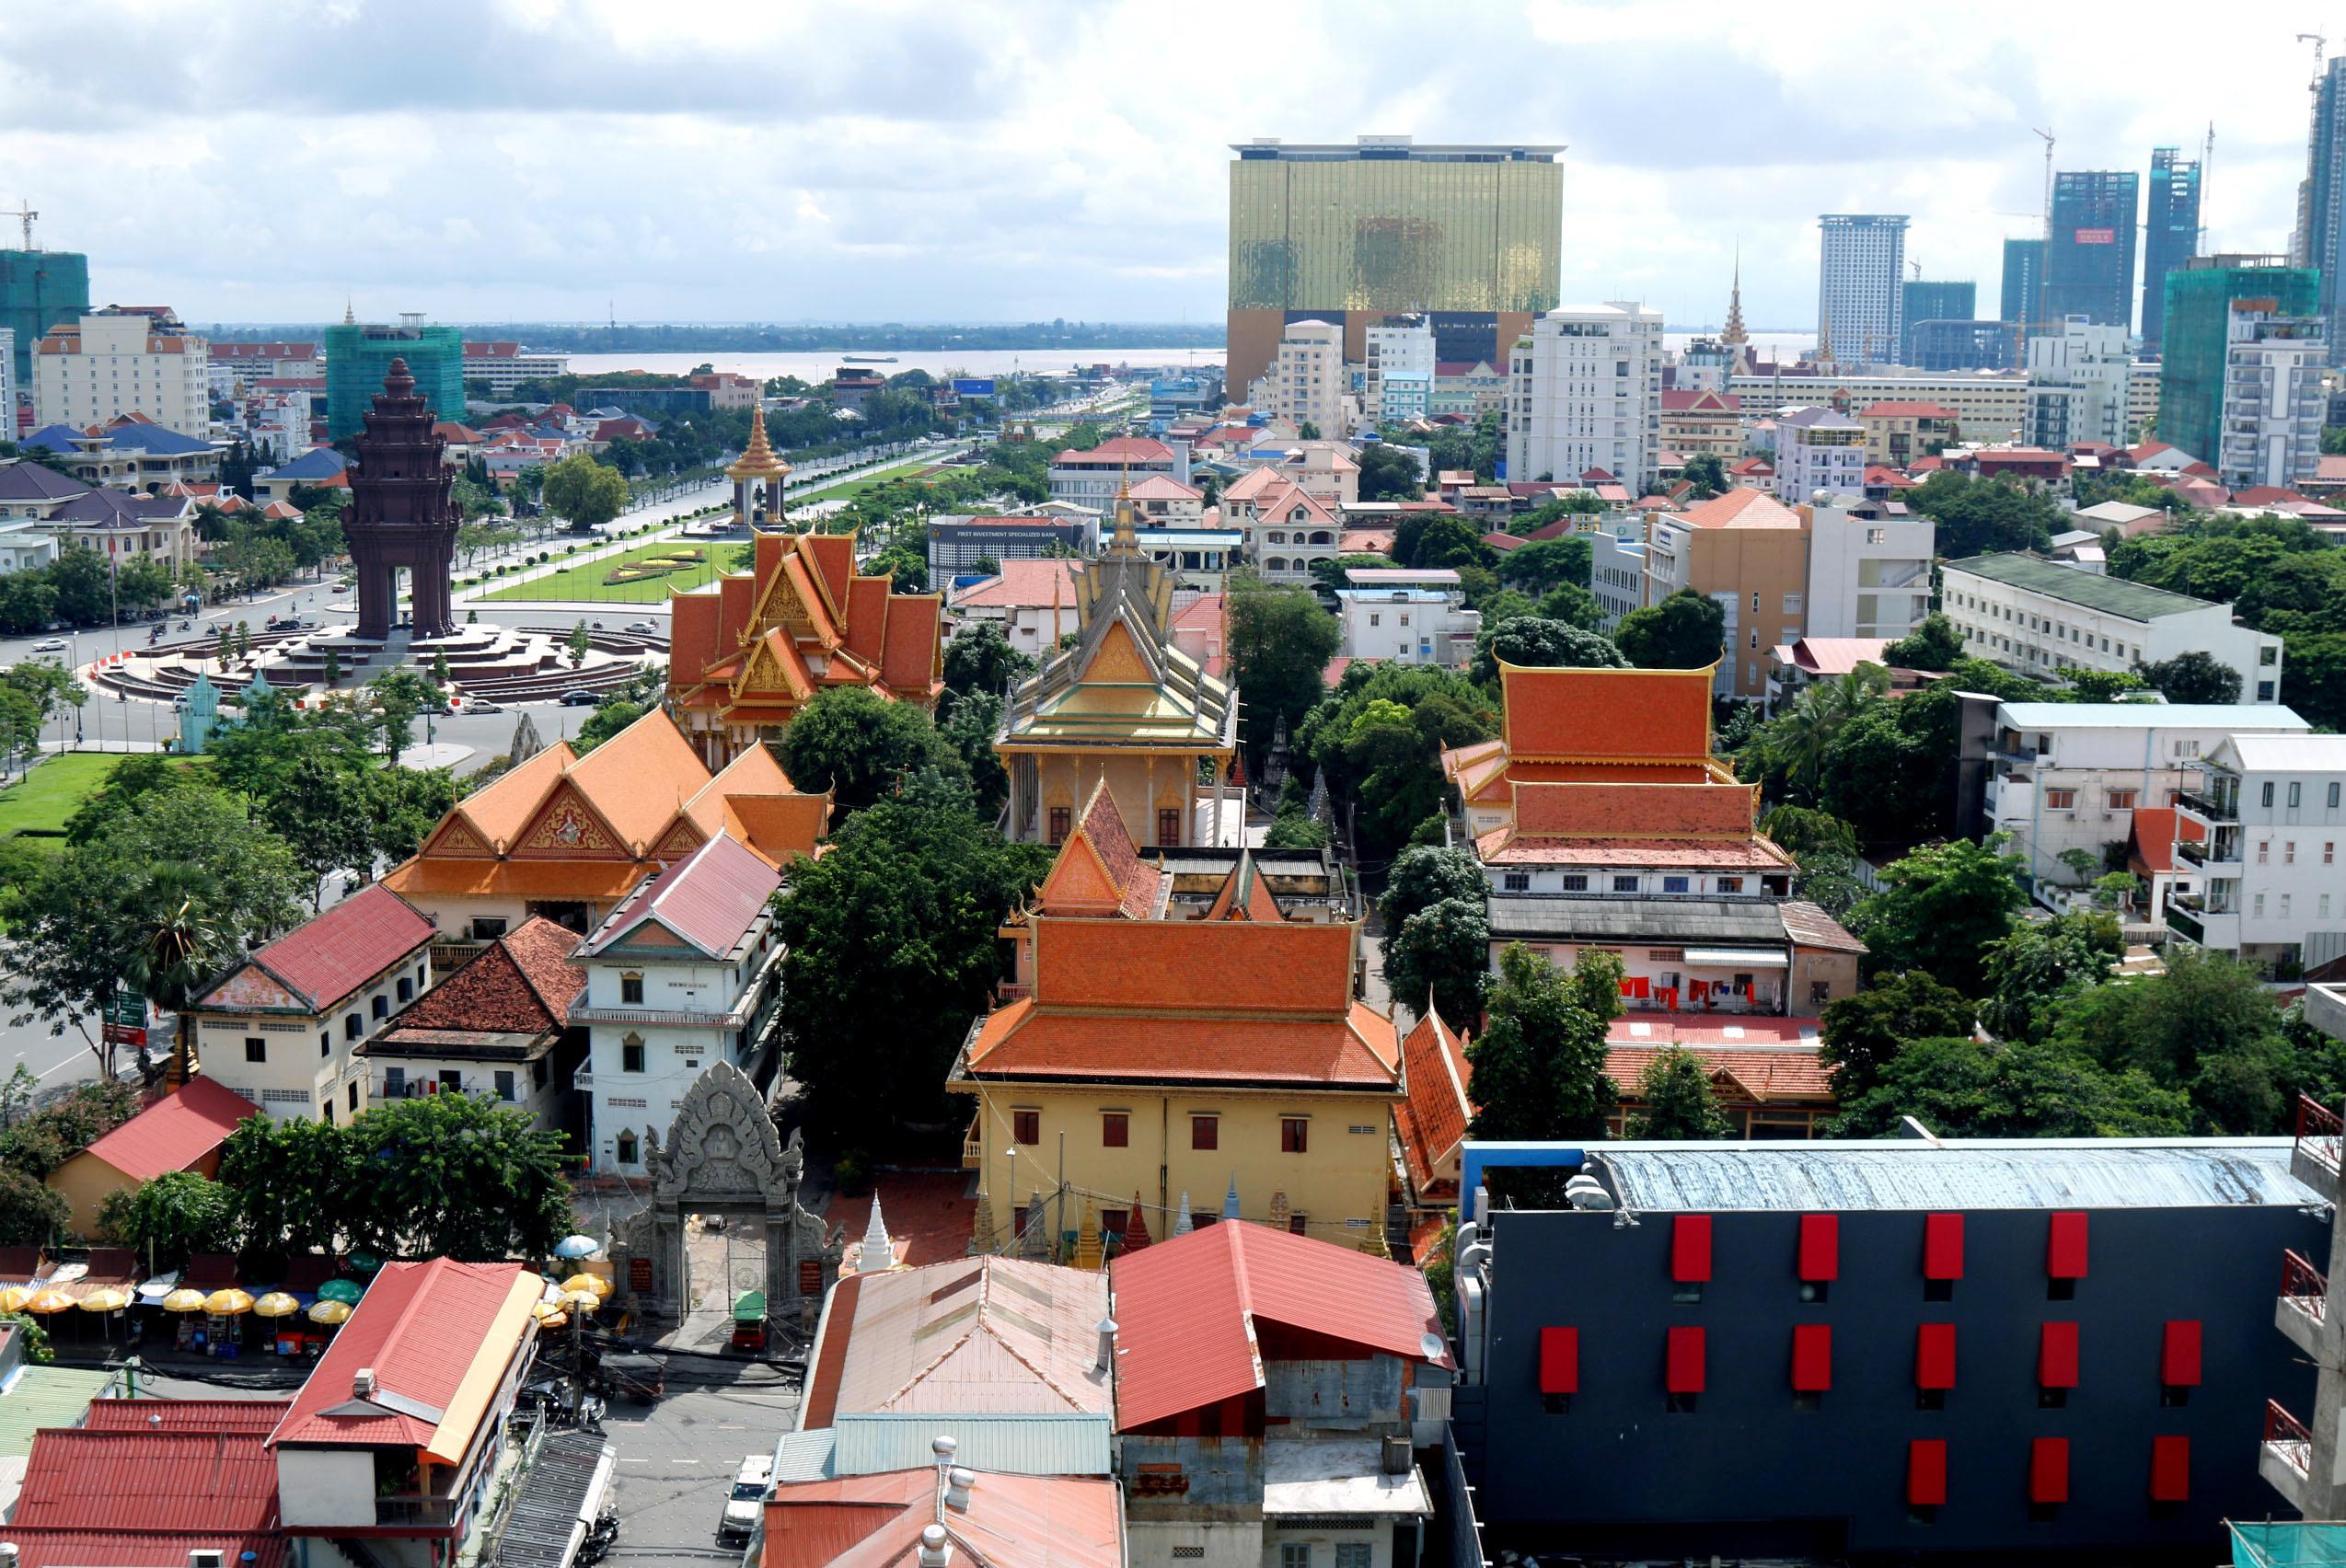 開発が進むカンボジアの首都プノンペン。この10年で高級マンションやオフィス向けのビルなどが次々と建った(撮影チャンユラ・コサル、共同)